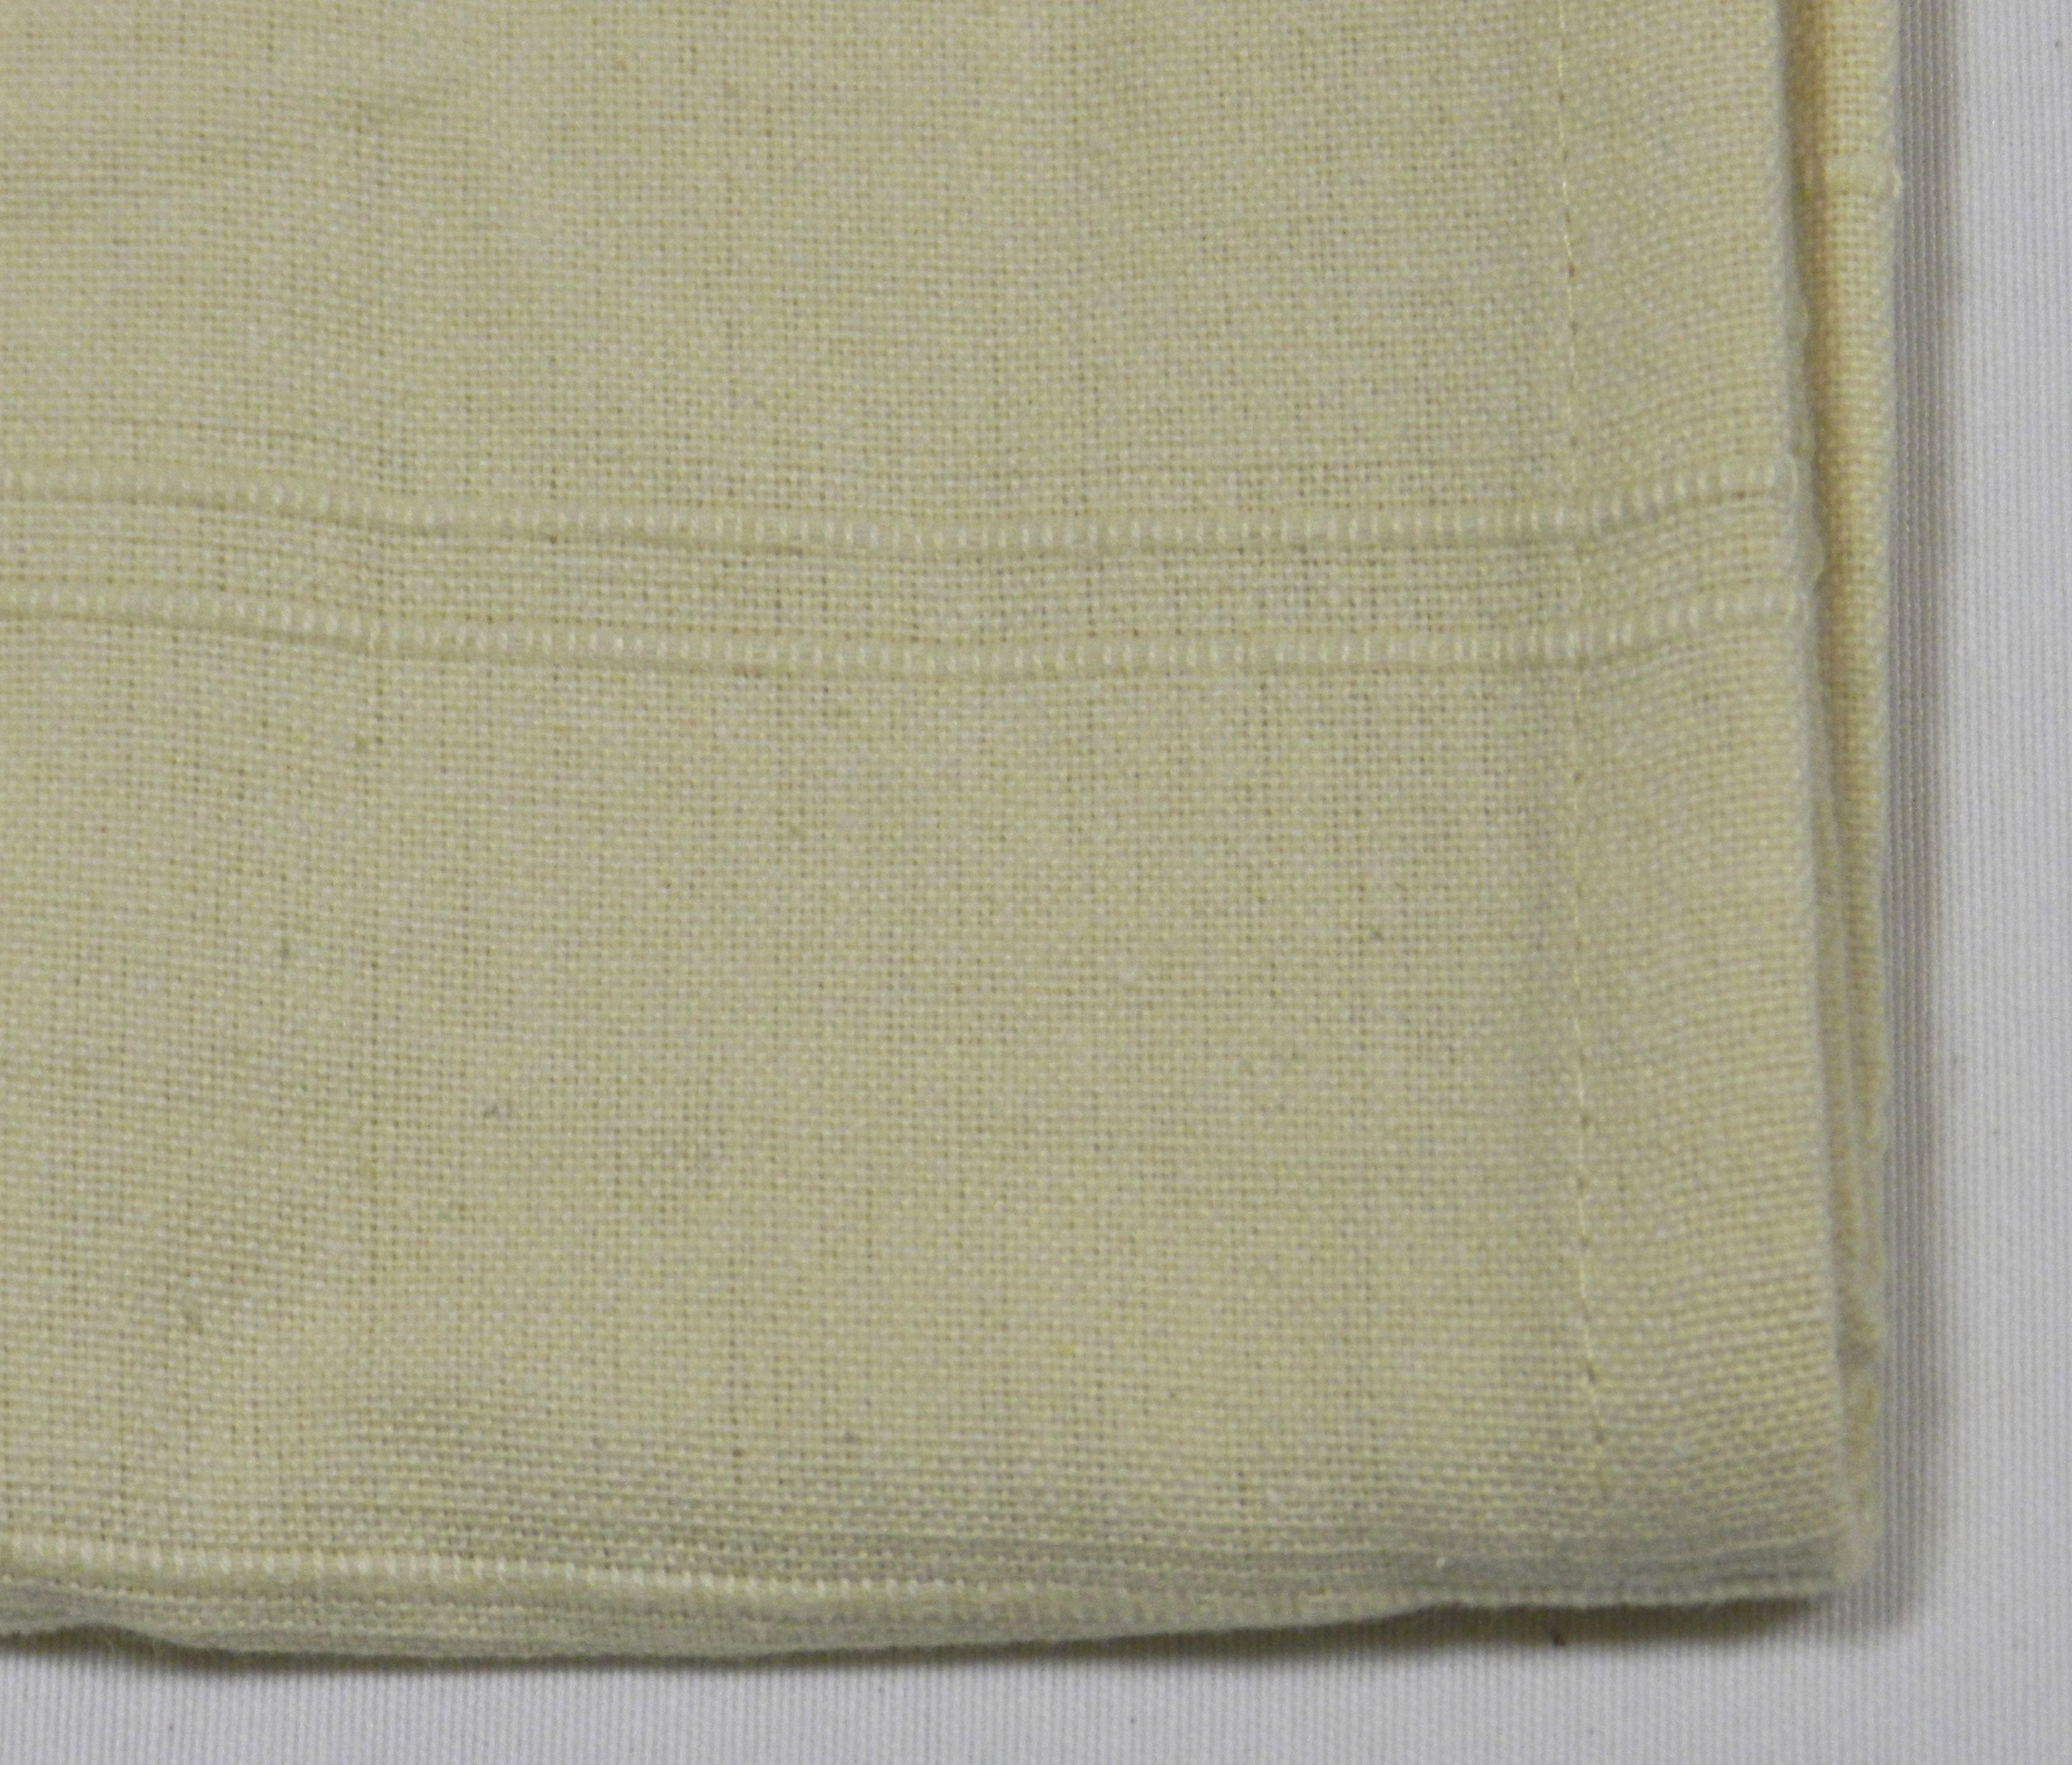 Sirge elettrodomestici copriletto gran foulard copridivano - Telo copridivano tinta unita ...